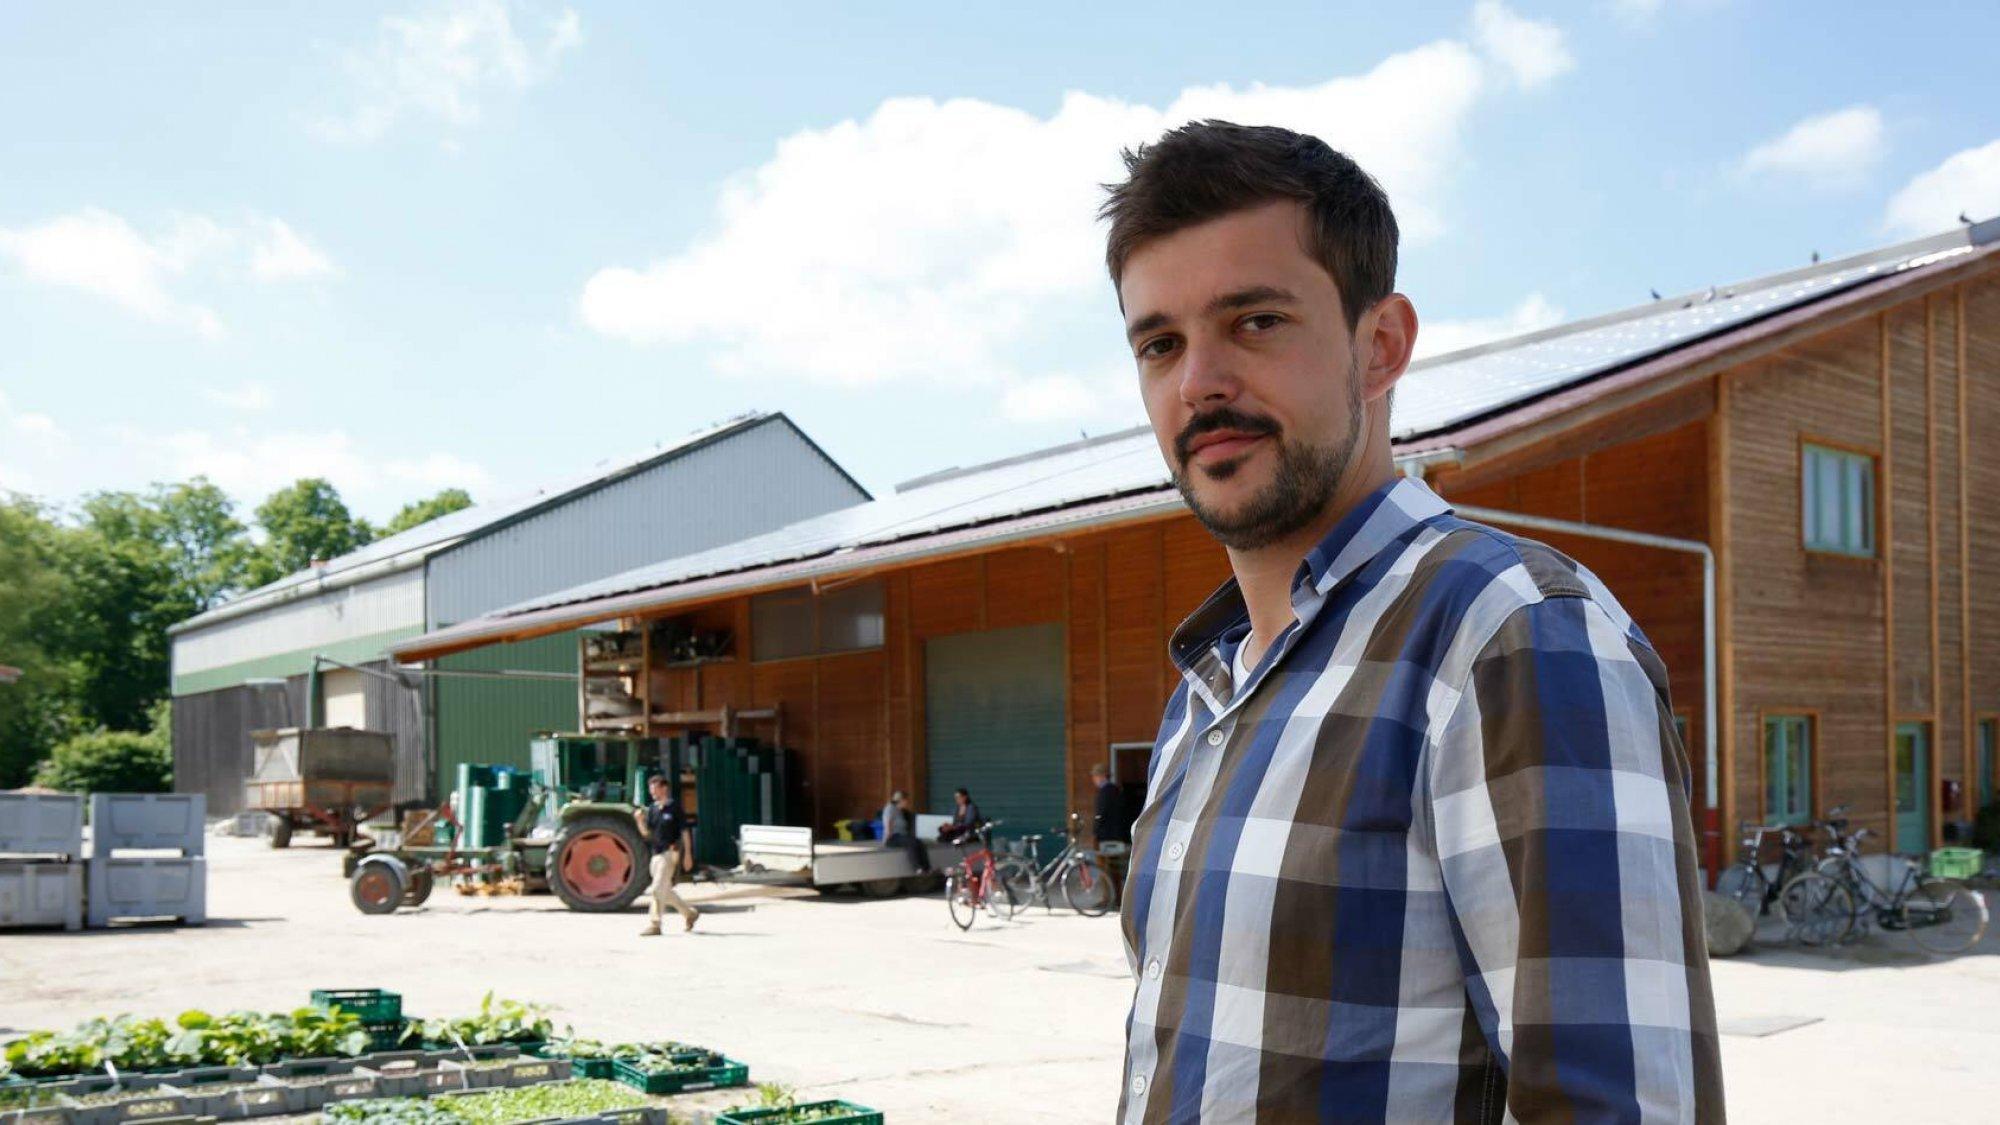 Ein Mann steht auf seinem Bauernhof. Im Hintergrund wird Gemüse in Kisten gefüllt.